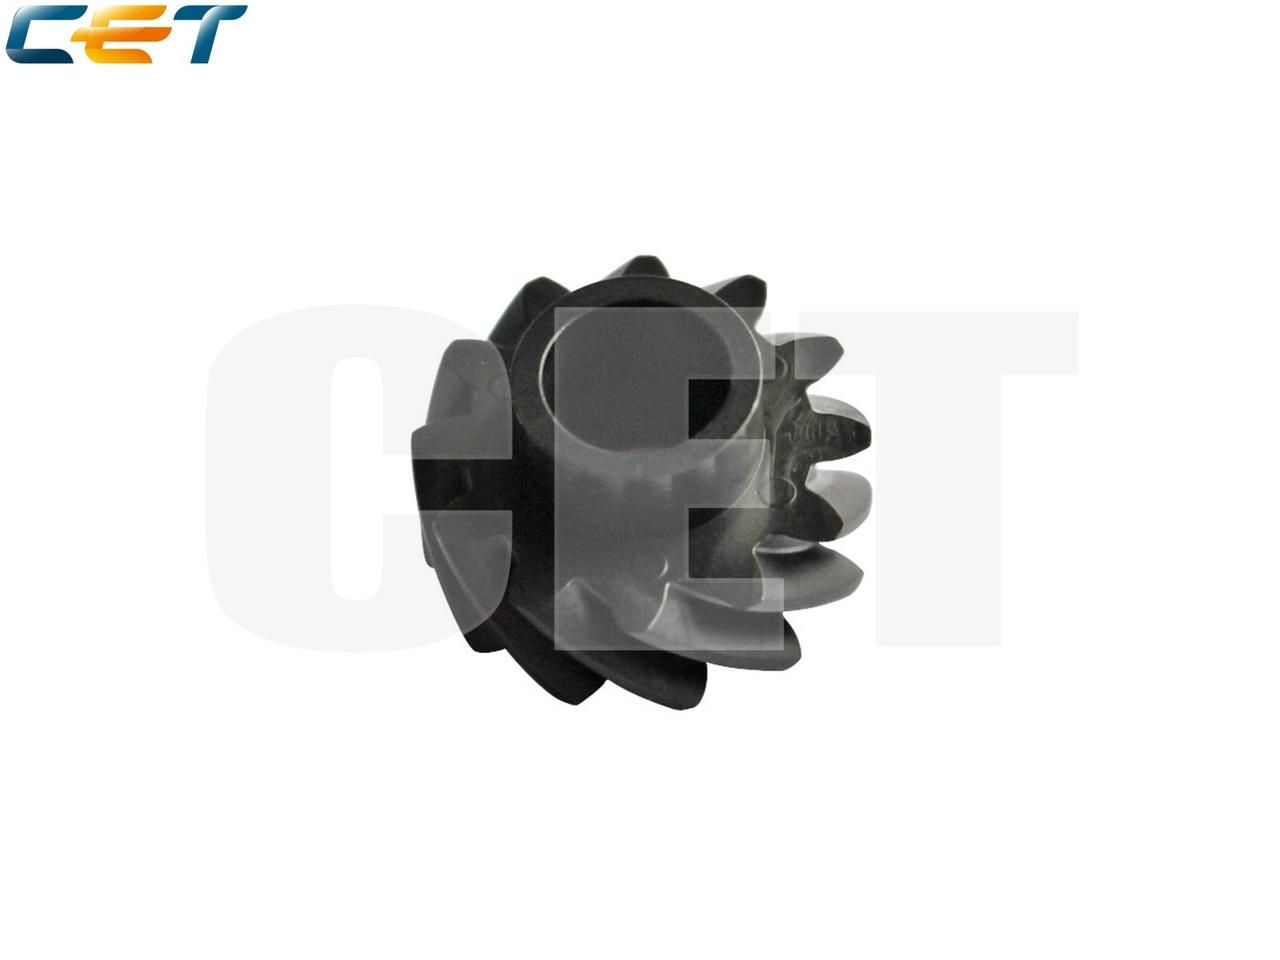 Шестерня привода шнека отработанного тонера 12TAB01-1462 для RICOH Aficio 1060/1075 (CET), CET8443